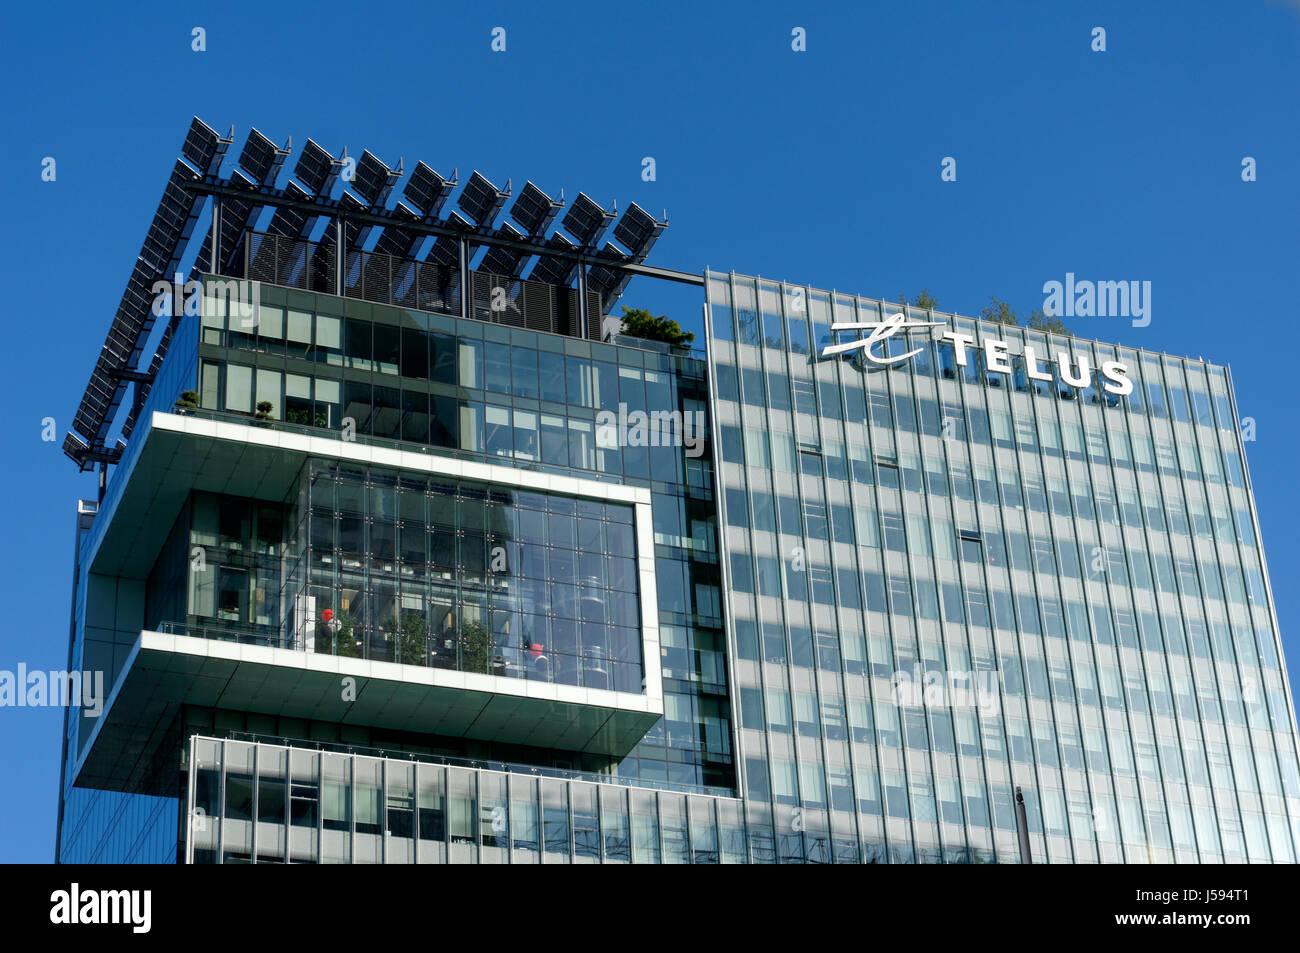 TELUS-Garten-Büro-Aufsatz zeigt auf dem Dach Sonnenkollektoren in der Innenstadt von Vancouver, BC, Kanada Stockbild